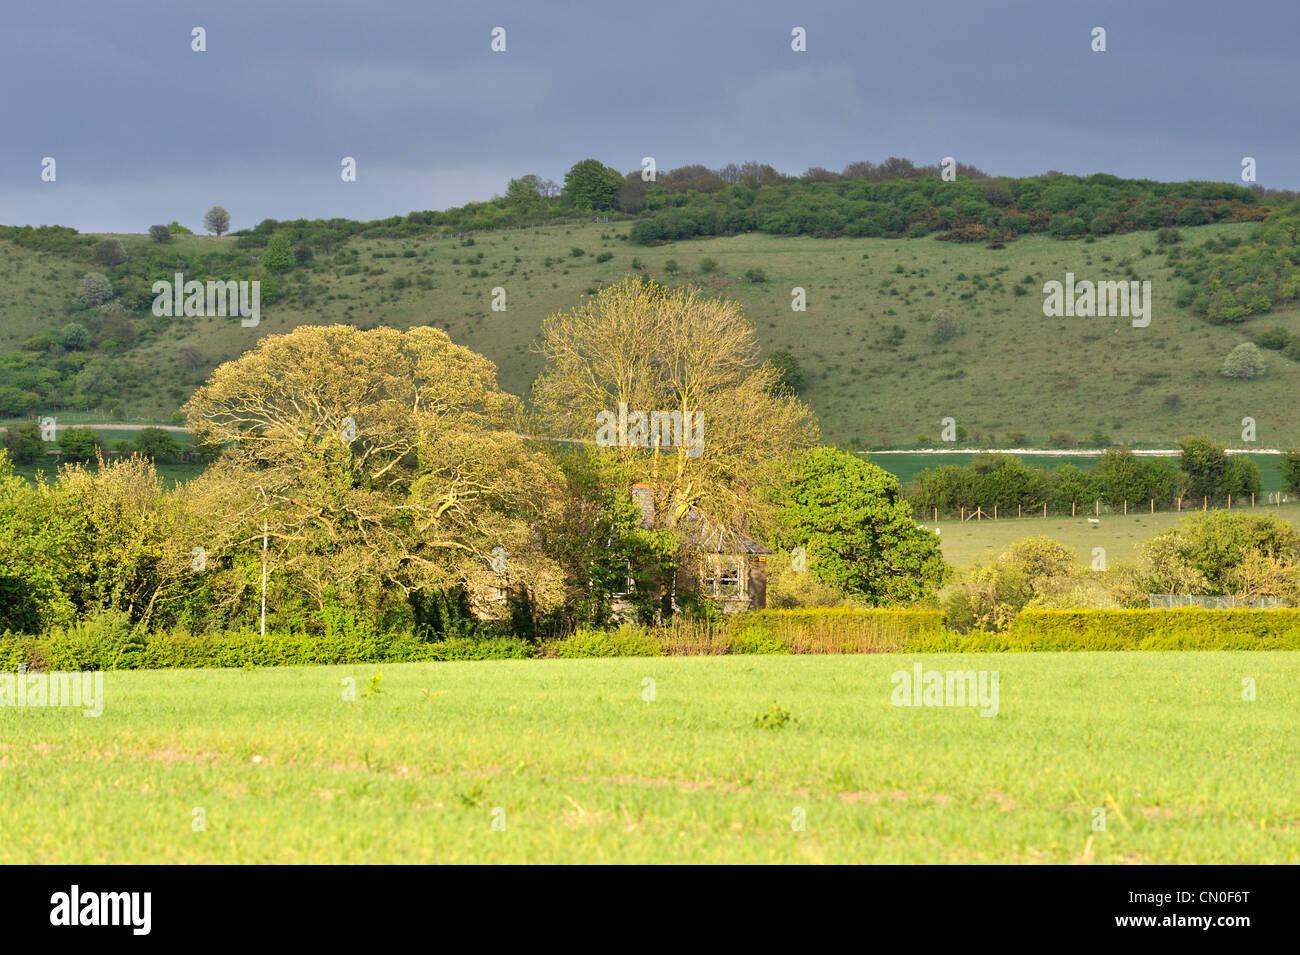 Landscape in Ivinghoe, Buckinghamshire, UK - Stock Image